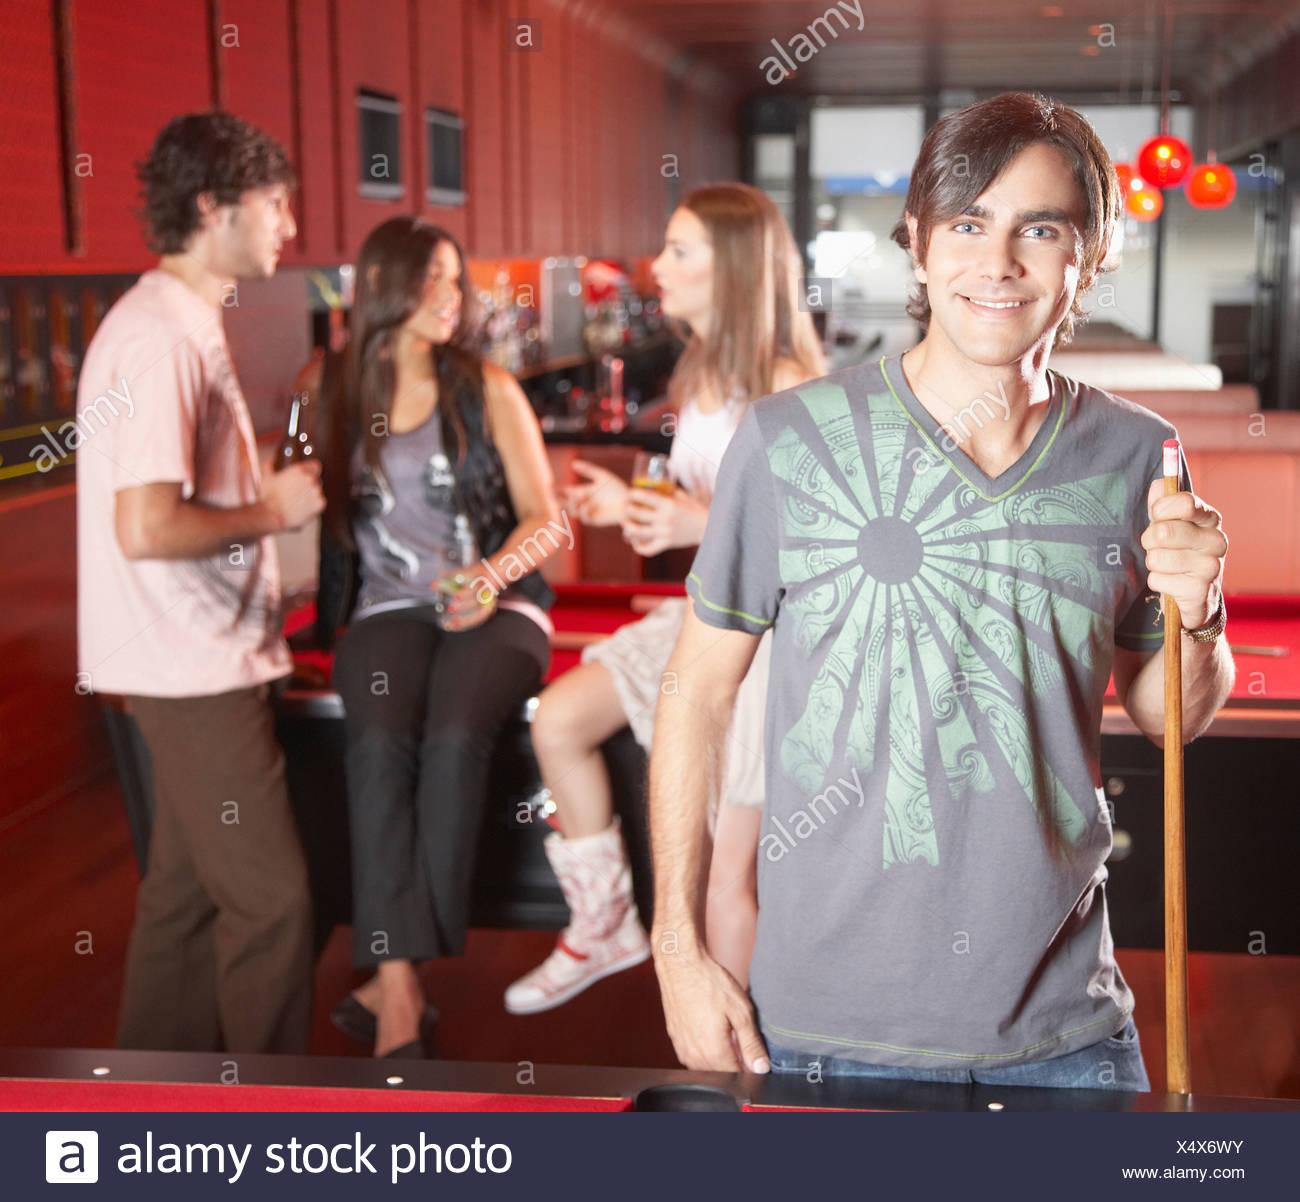 Uomo con piscina cue da tavolo da biliardo e sorridente Immagini Stock